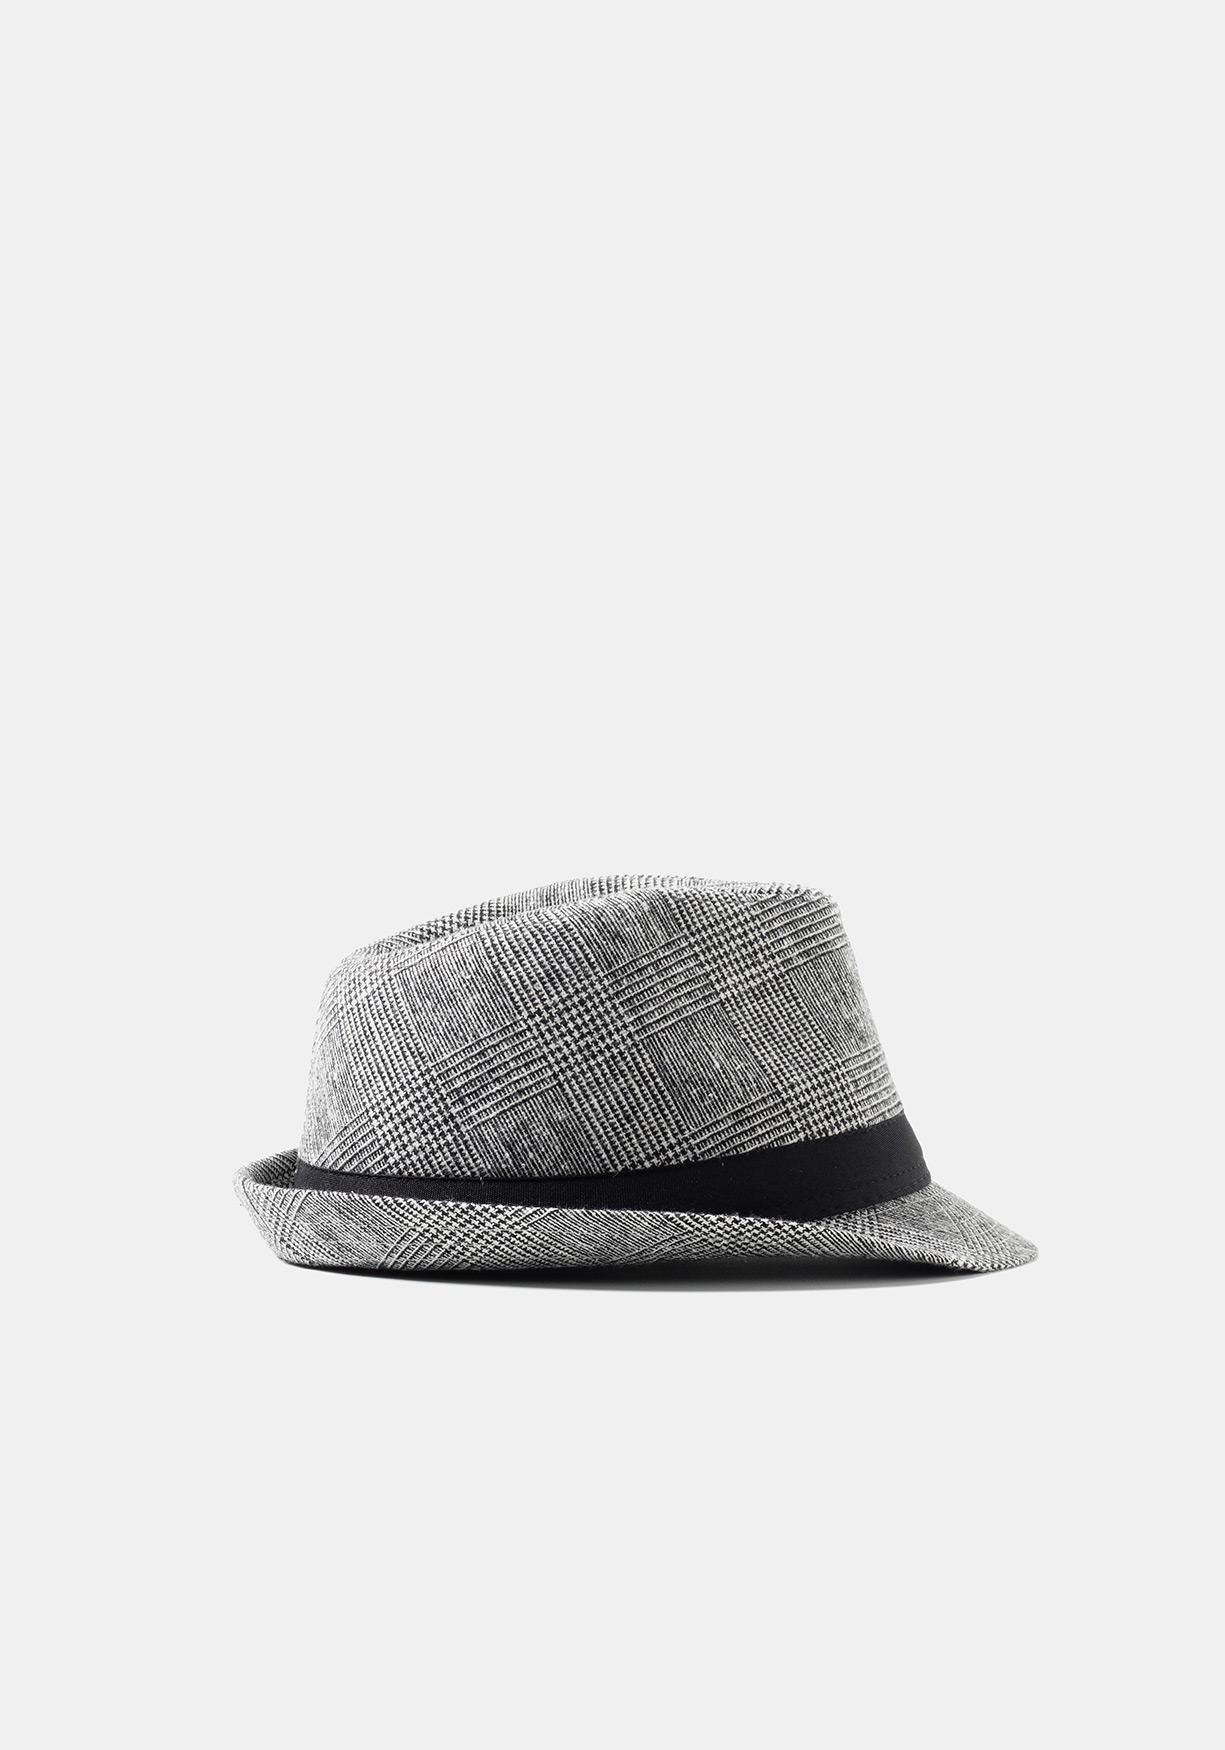 4d9c1d7e9b55f Comprar Sombrero borsalino de cuadros. ¡Aprovéchate de nuestros ...